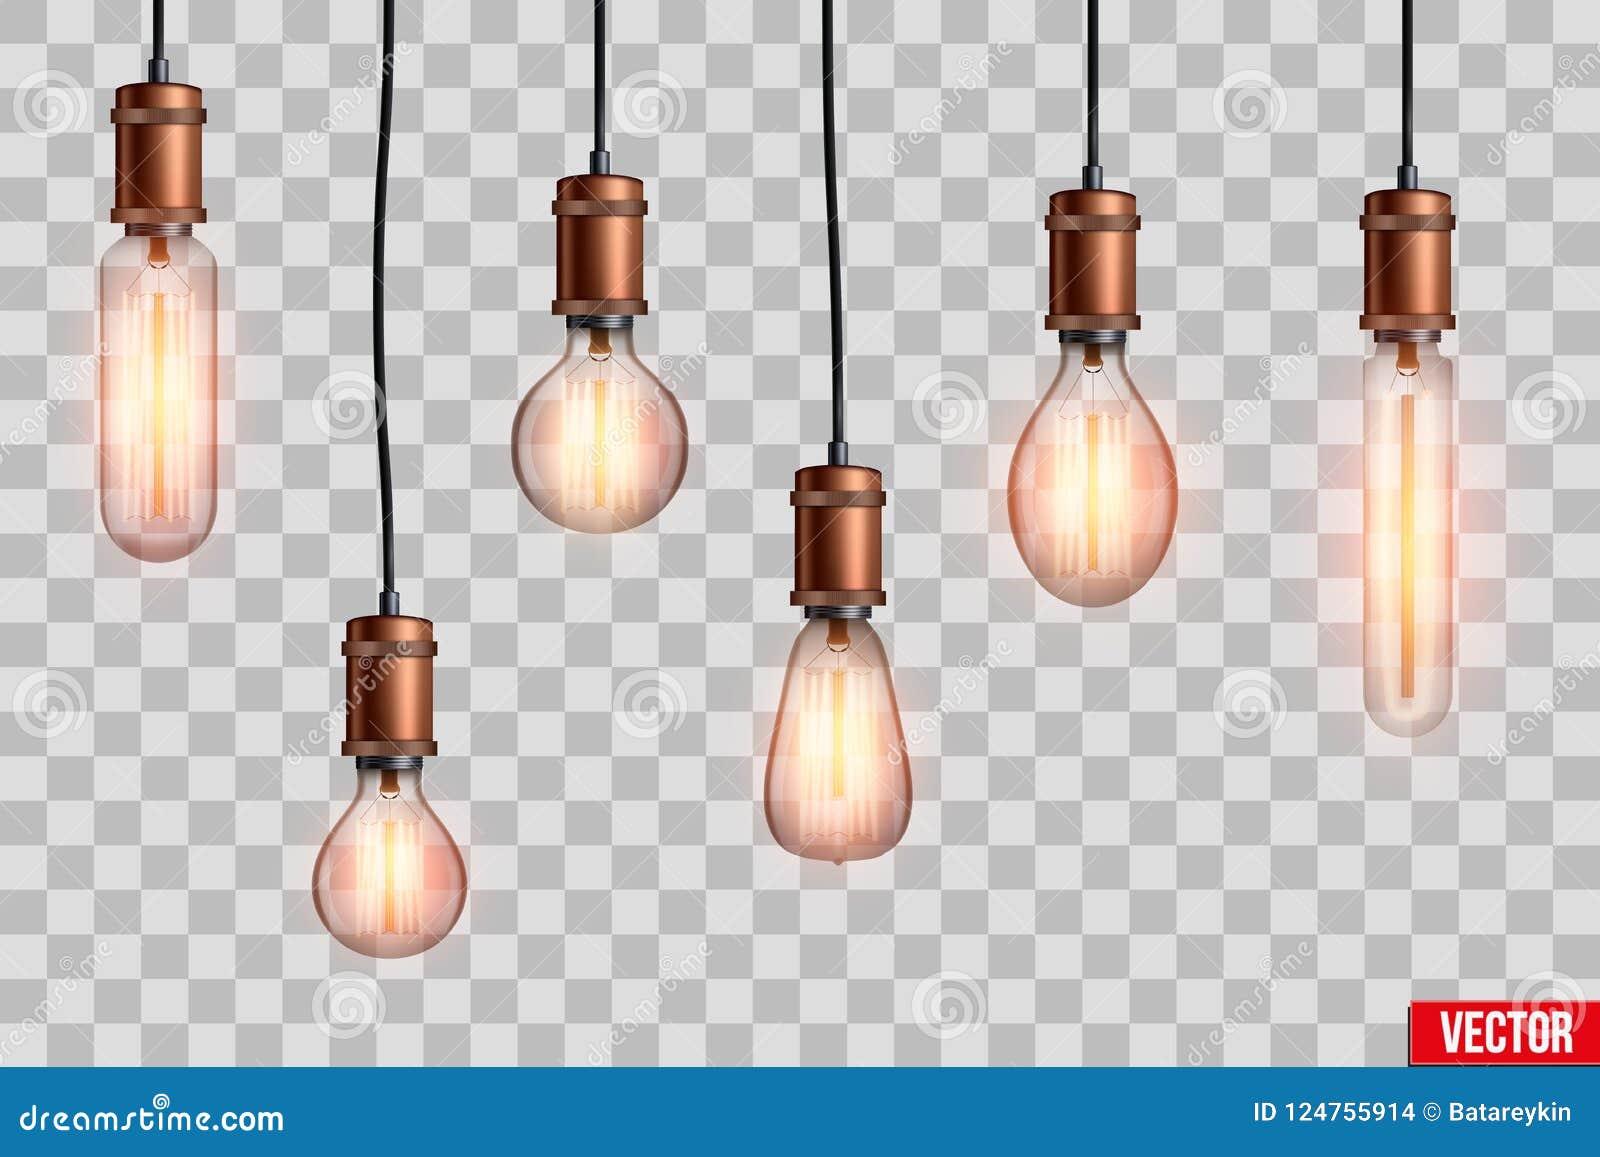 减速火箭的爱迪生电灯泡集合